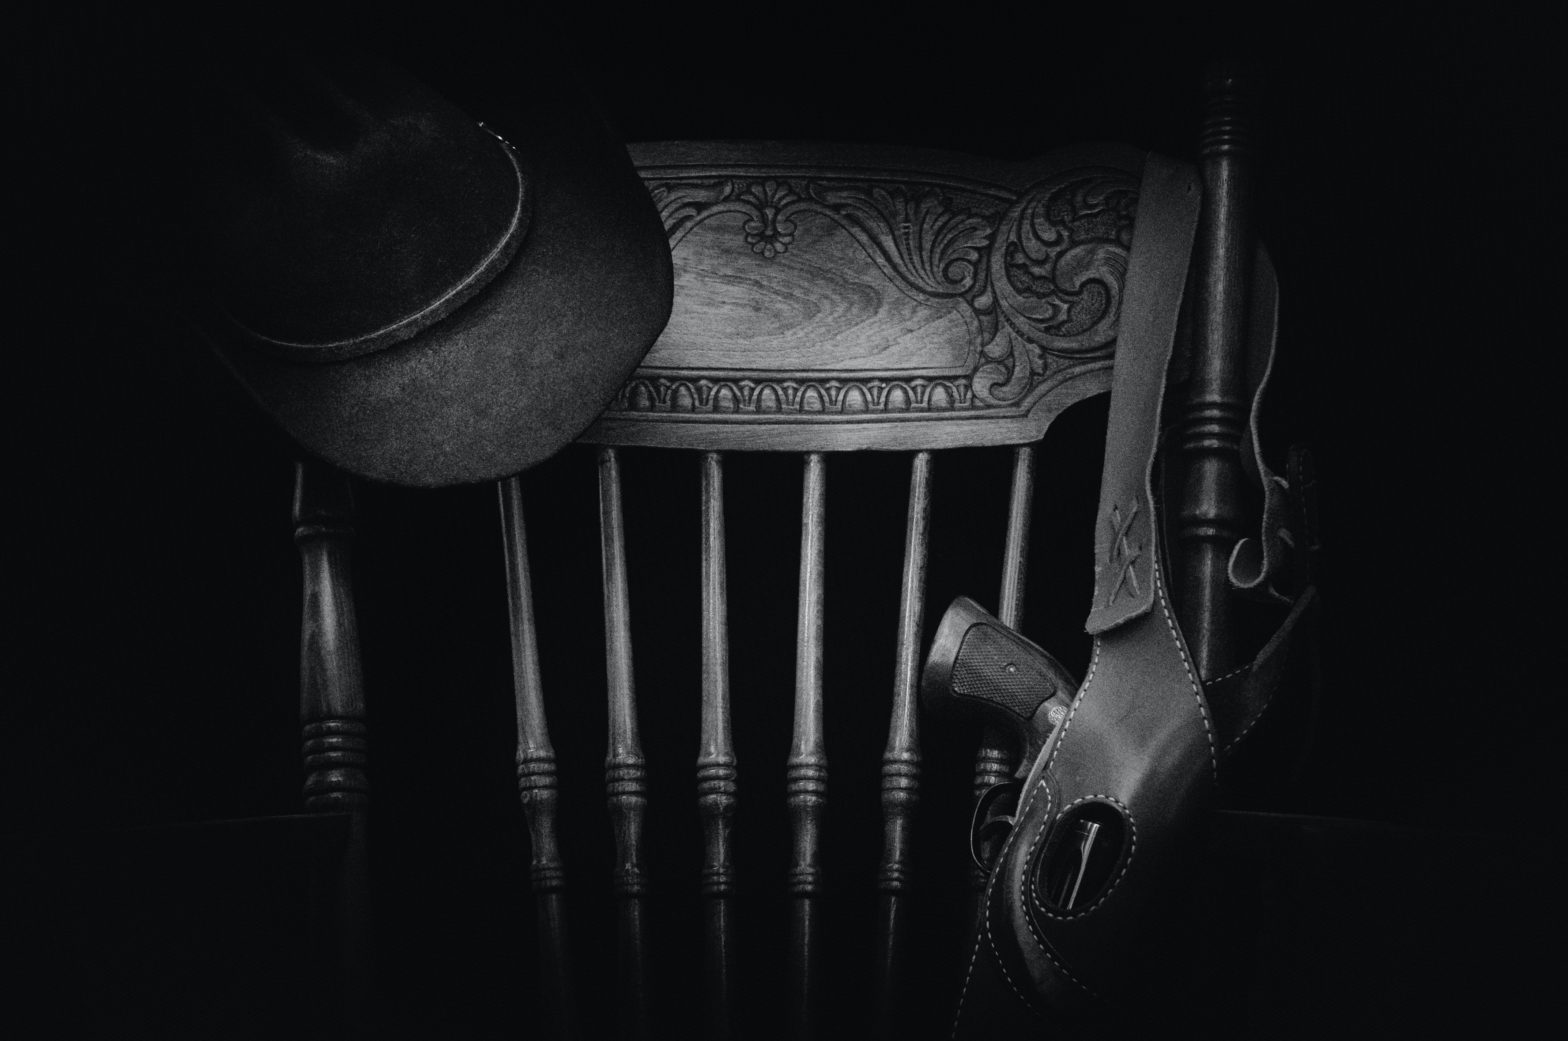 Krzesło, na którym zawieszony jest kapelusz i kabura z rewolwerem.